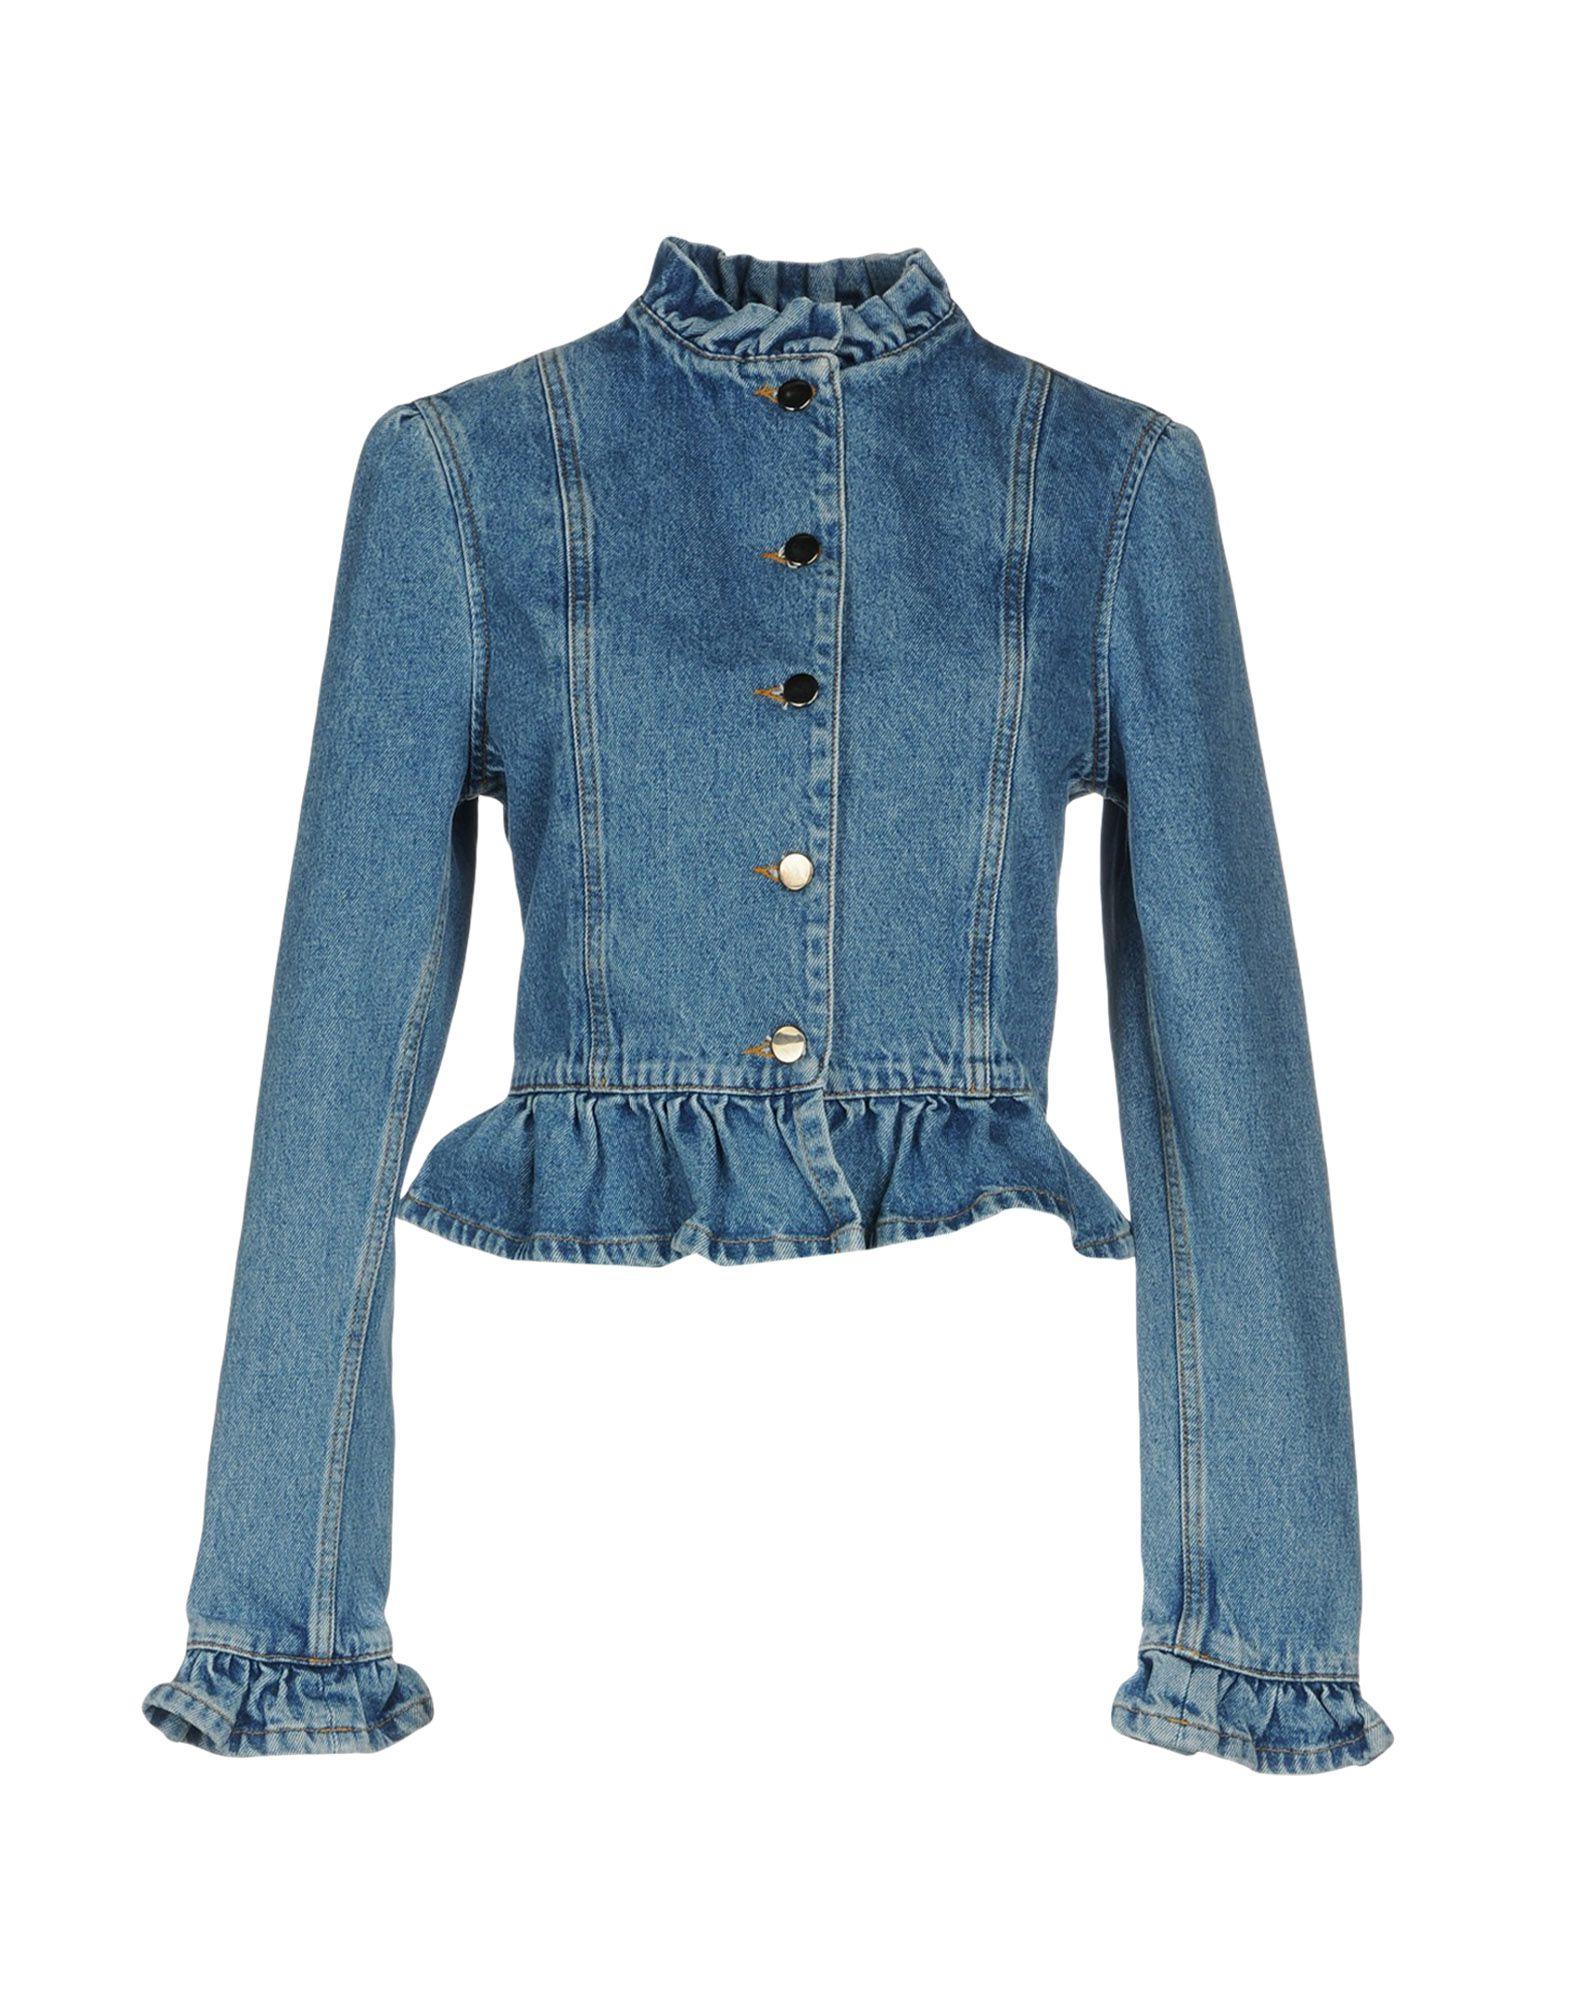 J.W.ANDERSON Джинсовая верхняя одежда wood wood джинсовая верхняя одежда